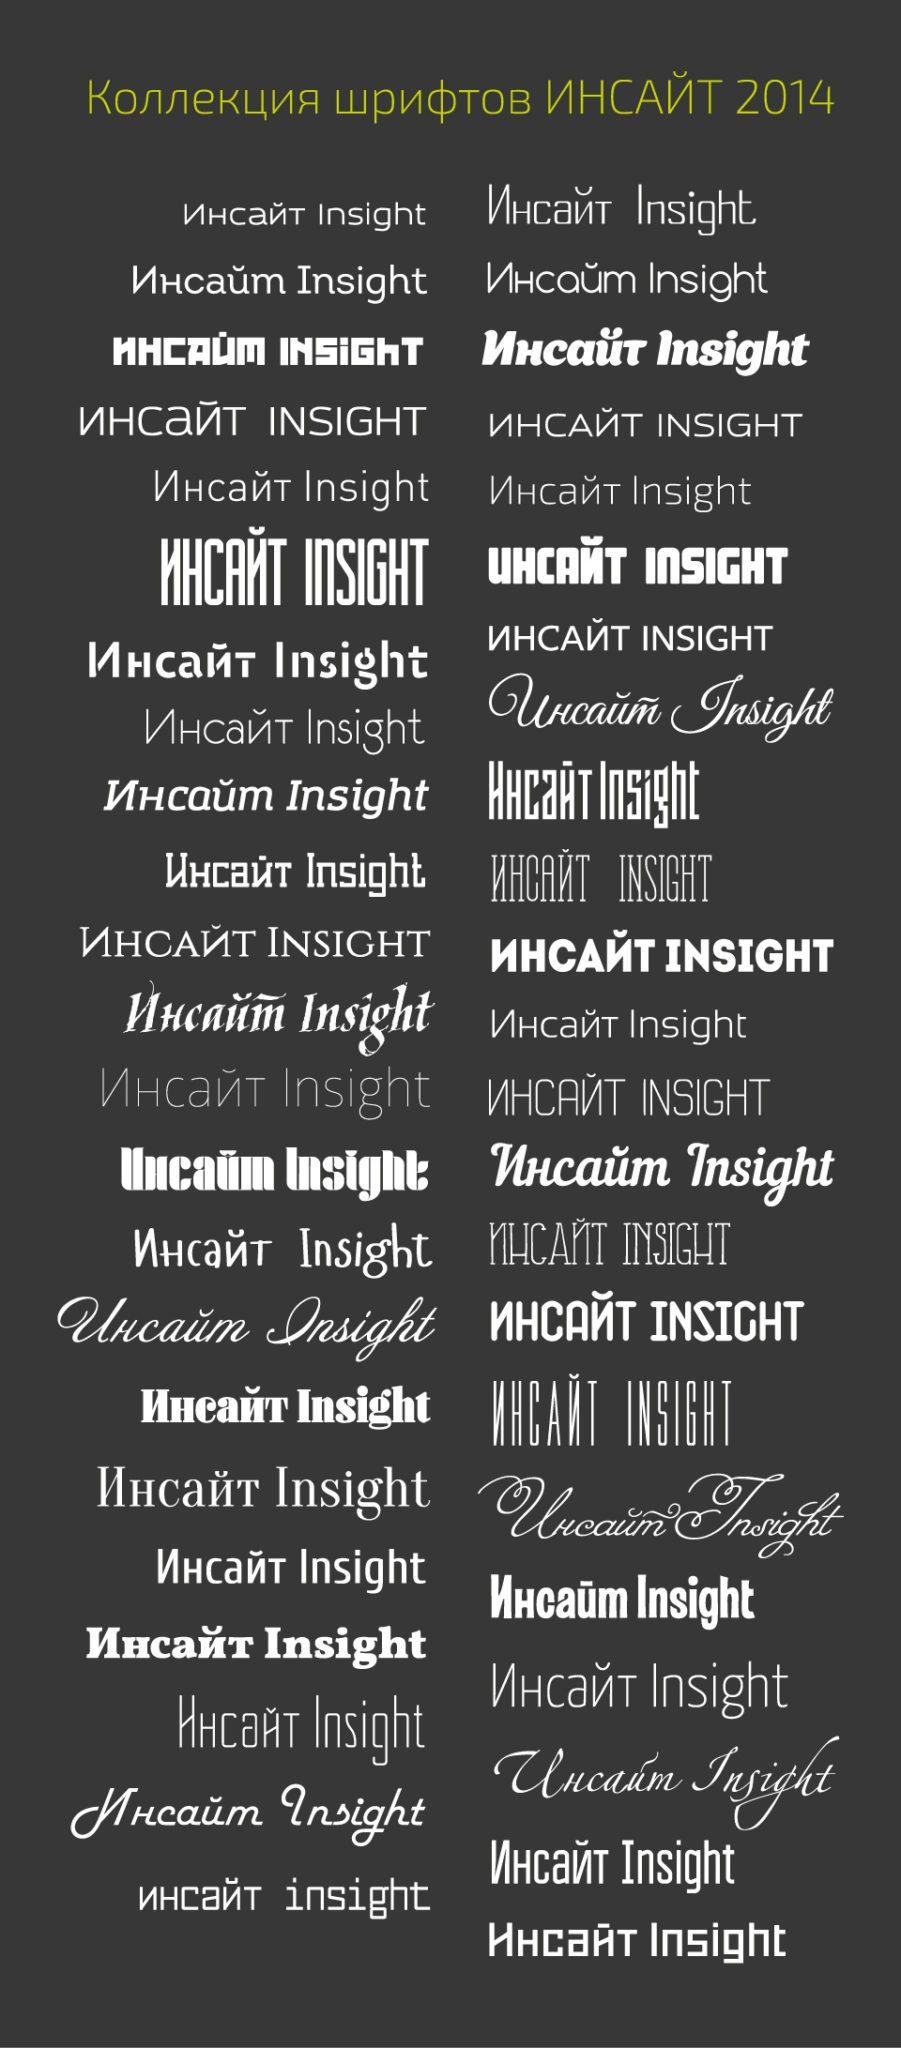 Коллекция шрифтов ИНСАЙТ 2014